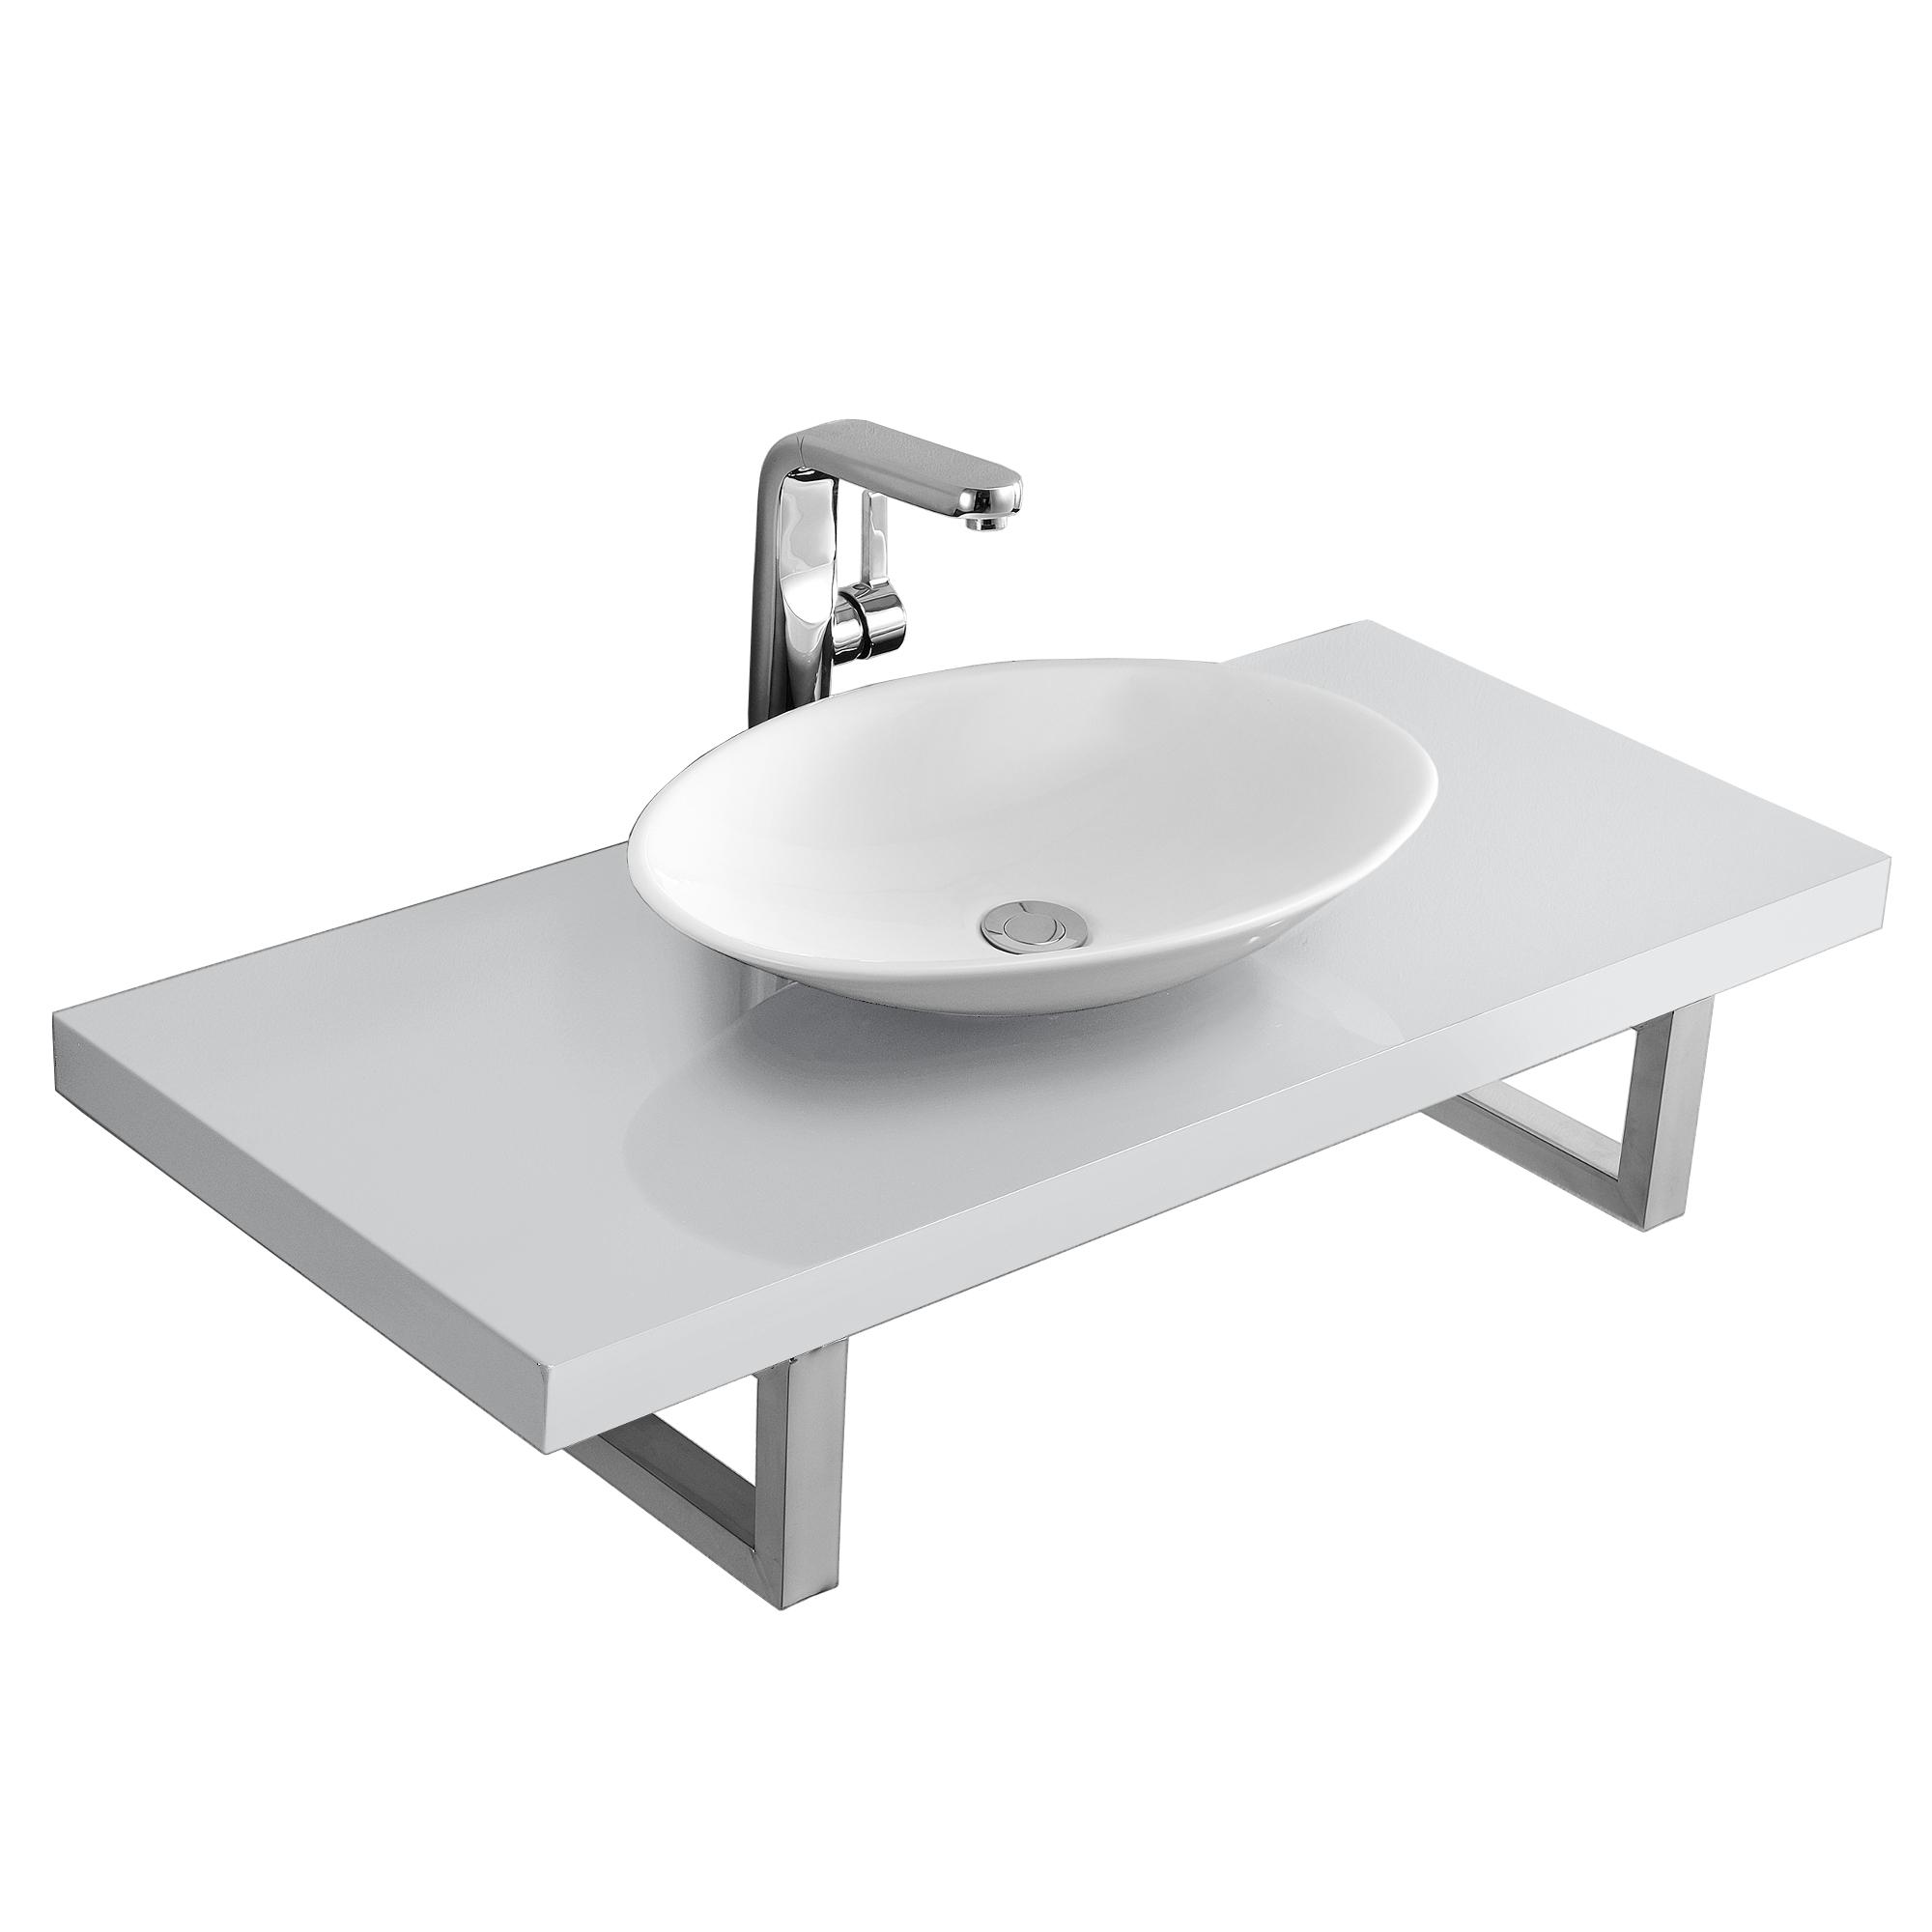 Waschtischplatte mit aufsatzbecken - Waschtischplatte weiay ...